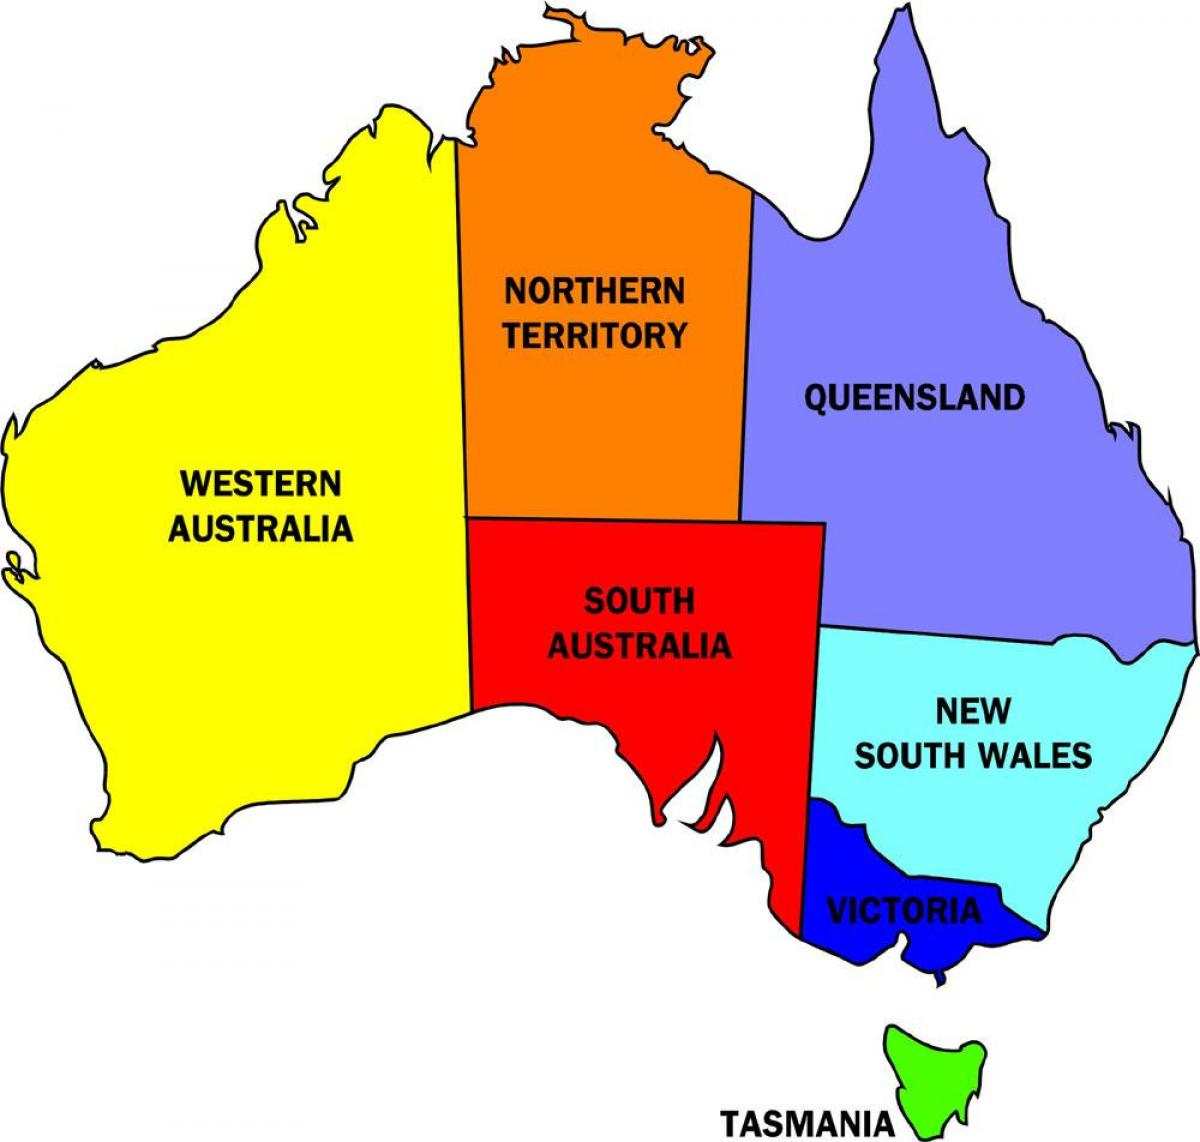 Kort Over Australien Stater Stater I Australien Kort Australien